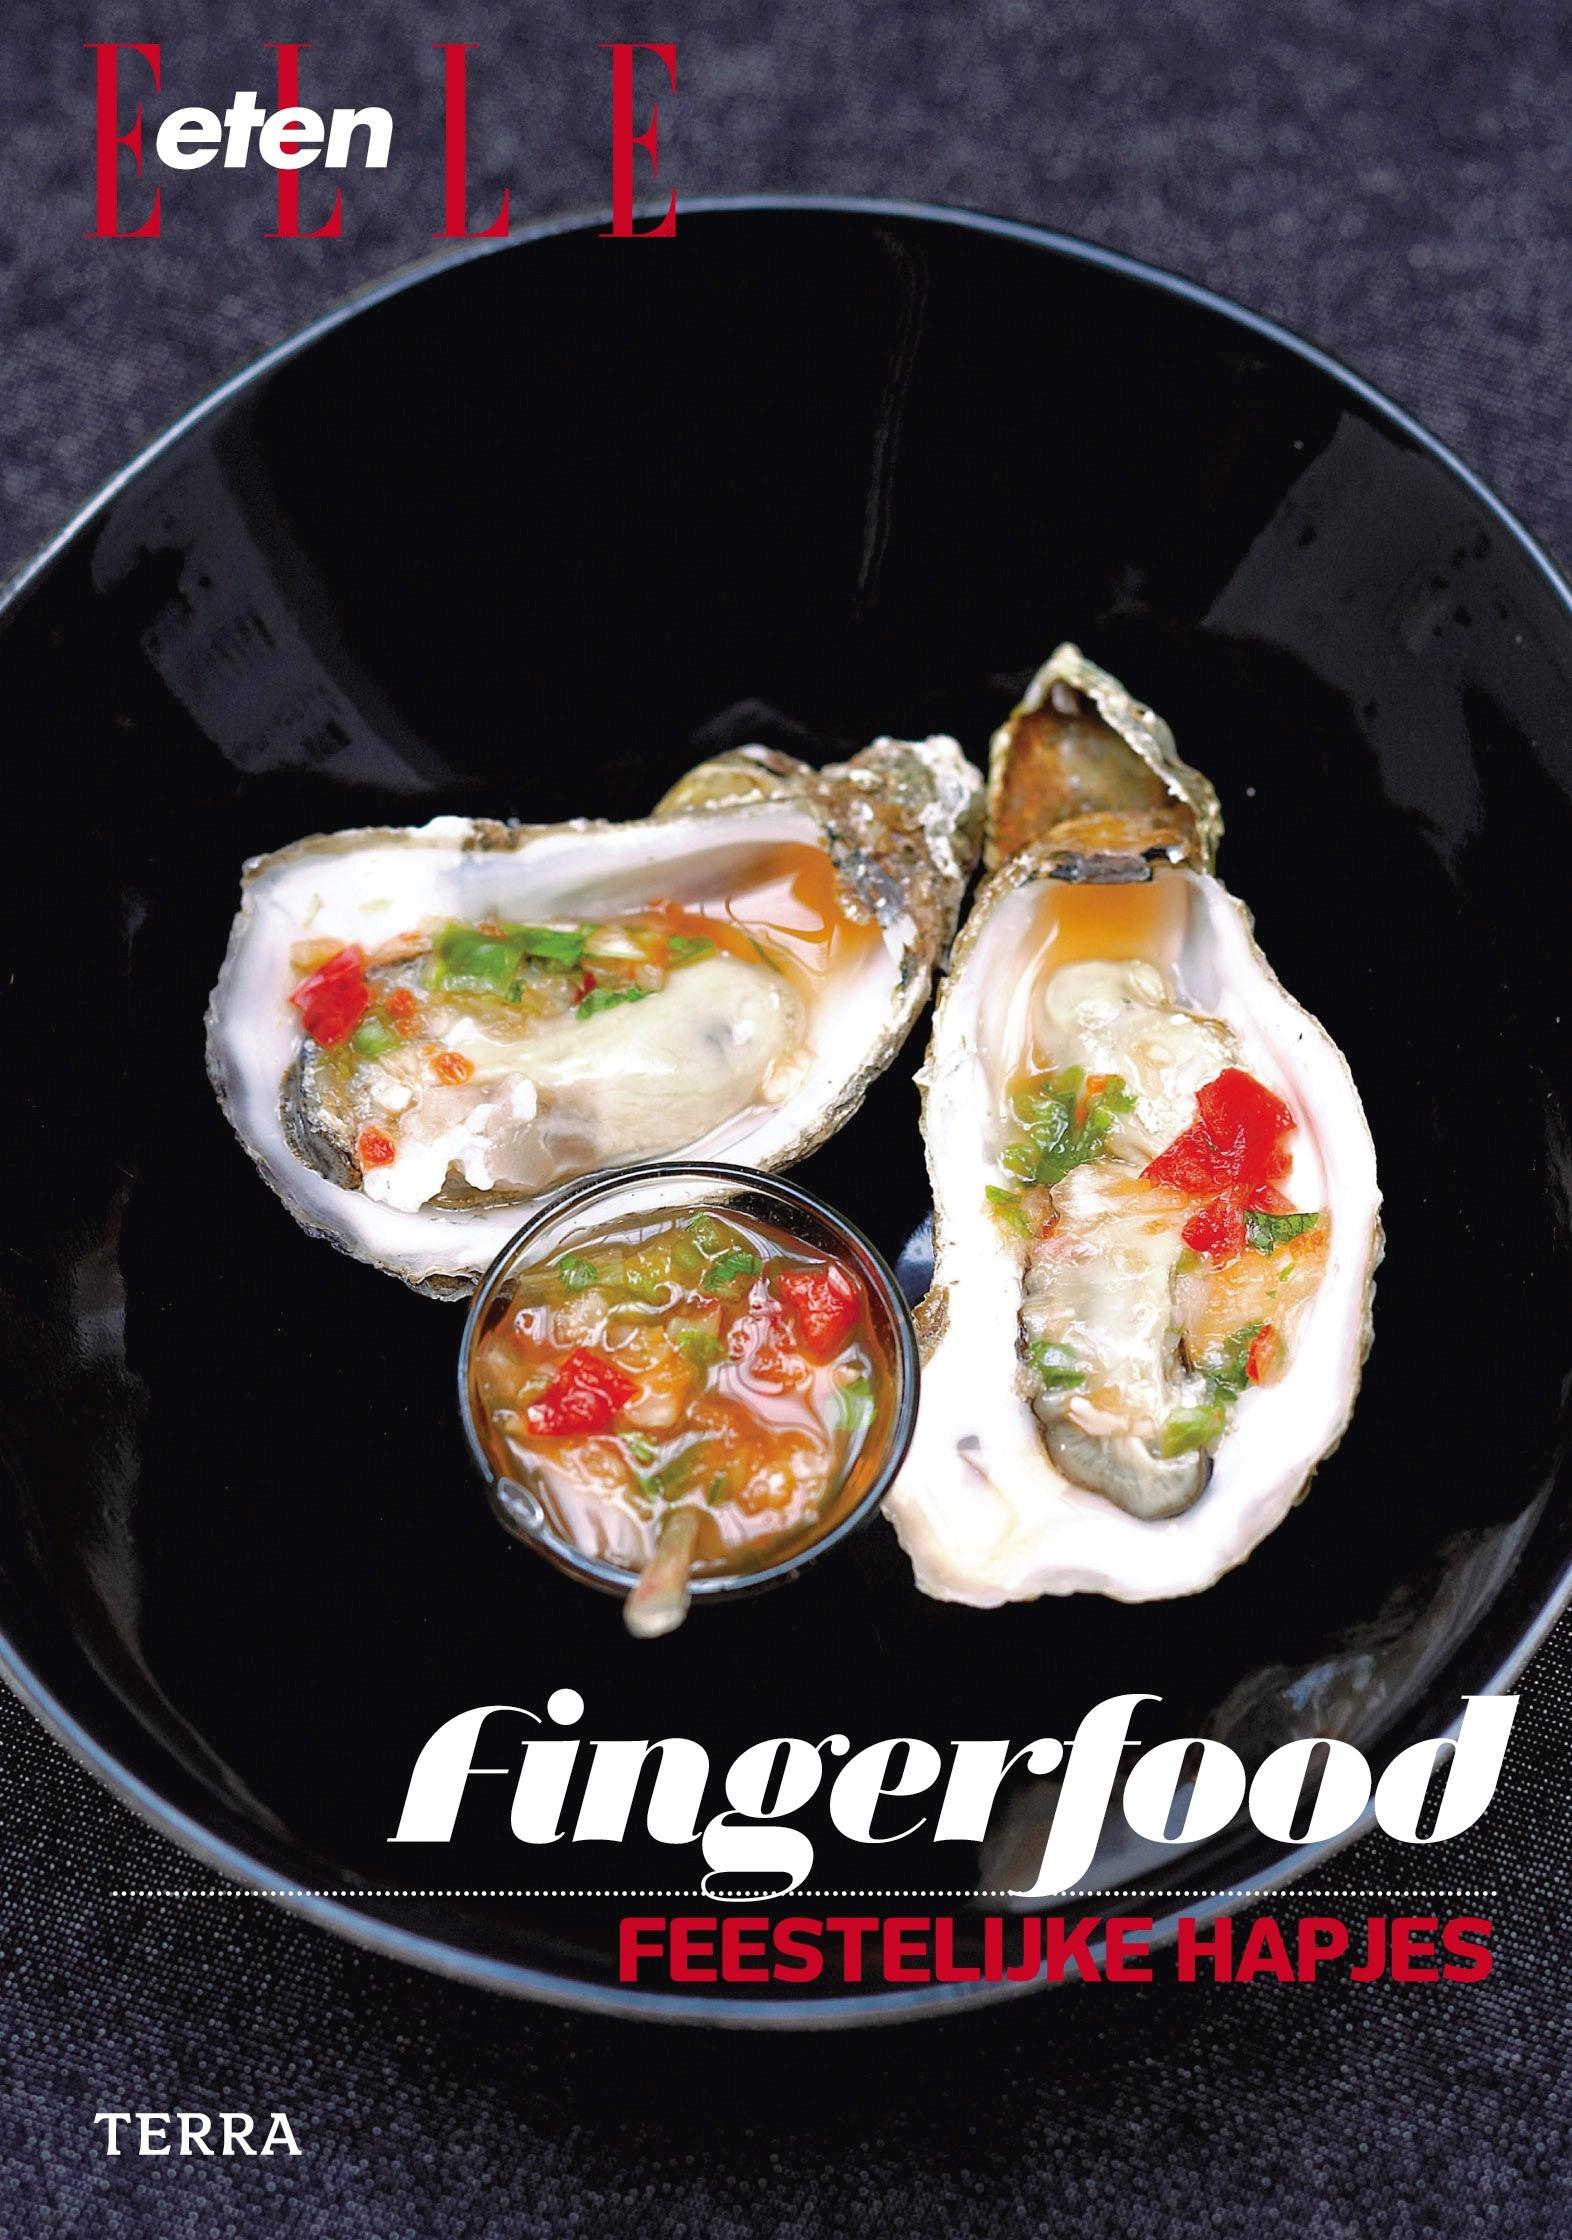 Fingerfood - Elle Eten